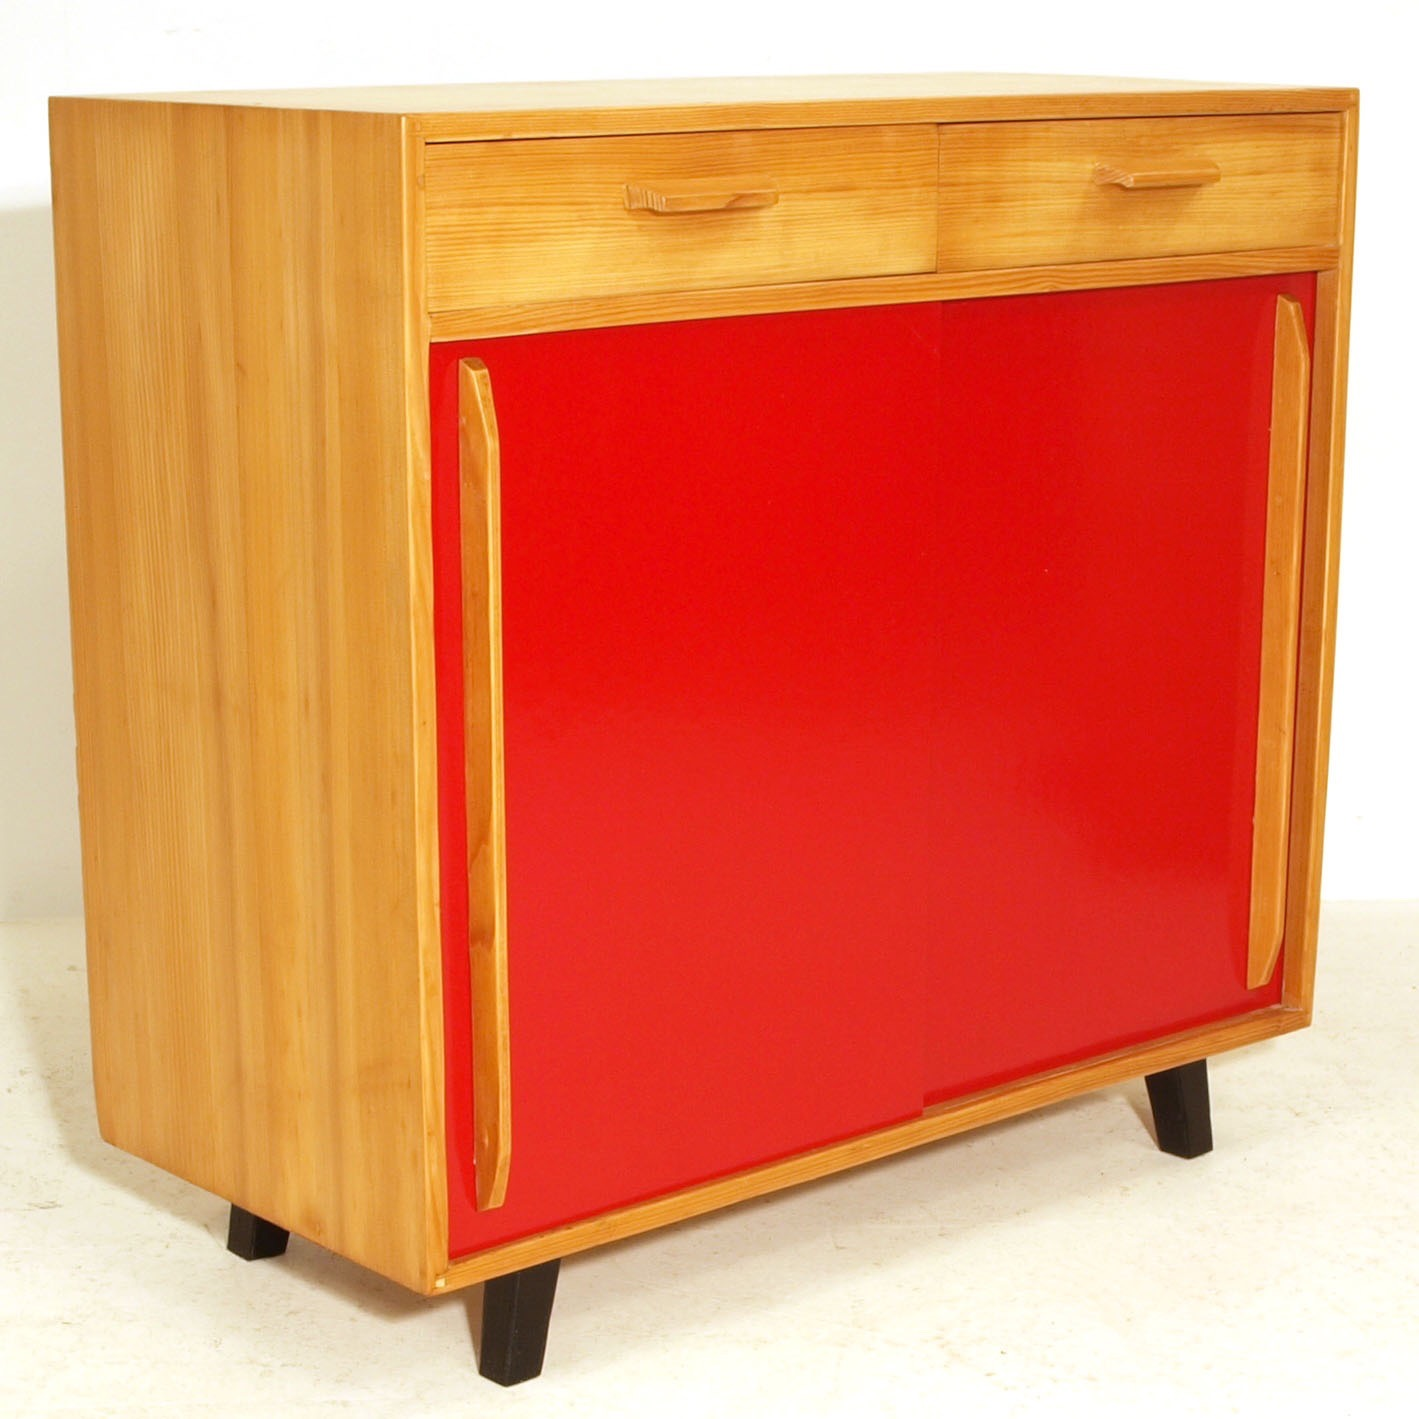 schiebeschrank mit schubladen restauriert m bel z rich vintagem bel. Black Bedroom Furniture Sets. Home Design Ideas